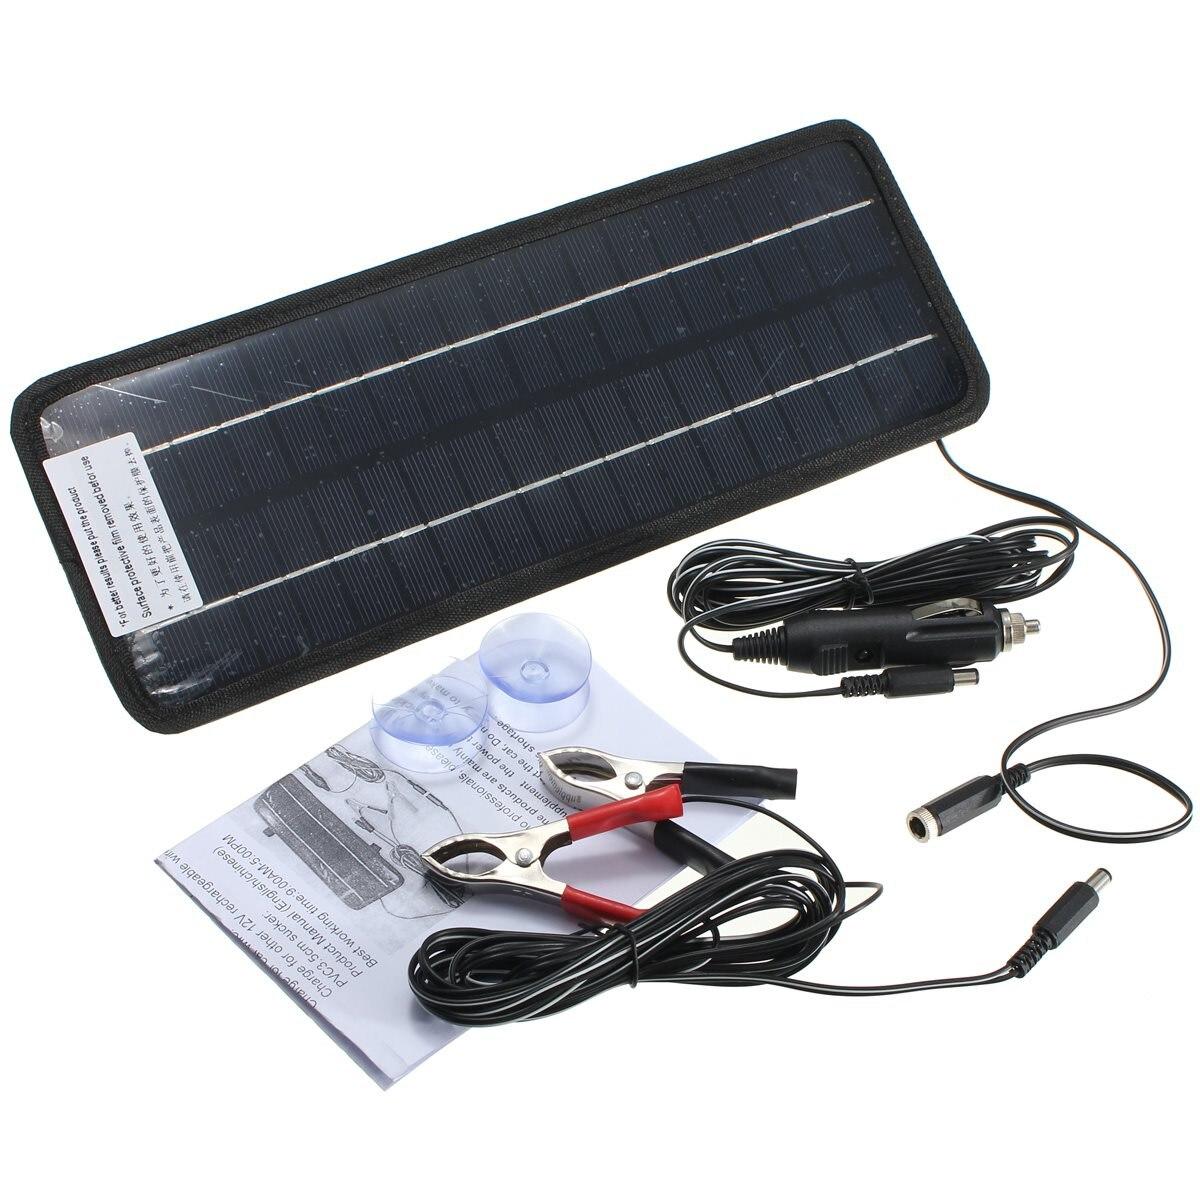 Как выбрать и подключить аккумулятор для солнечных батарей - жми!